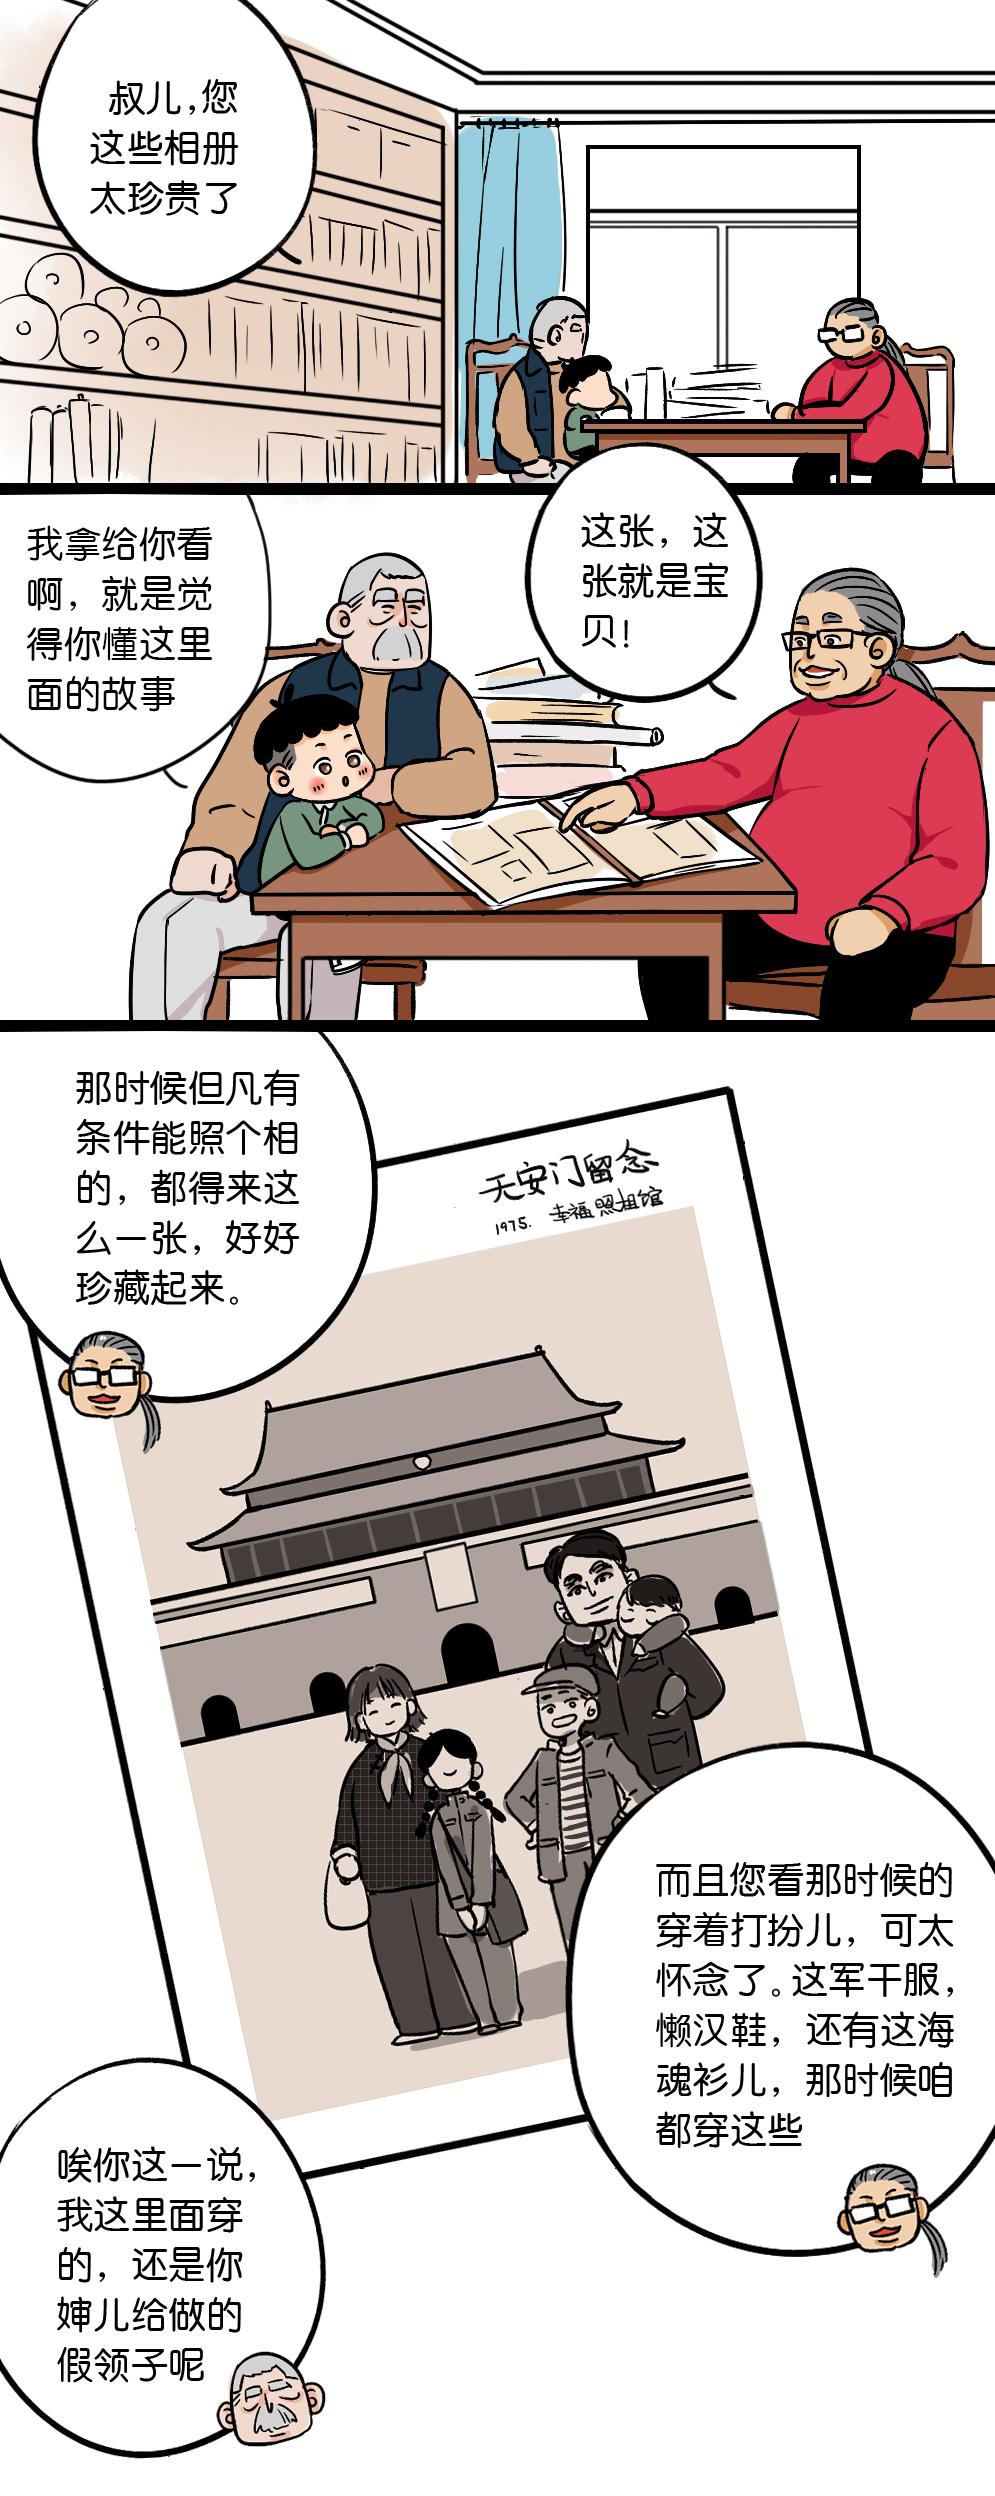 11.30 杨大大话家规漫画1.jpg